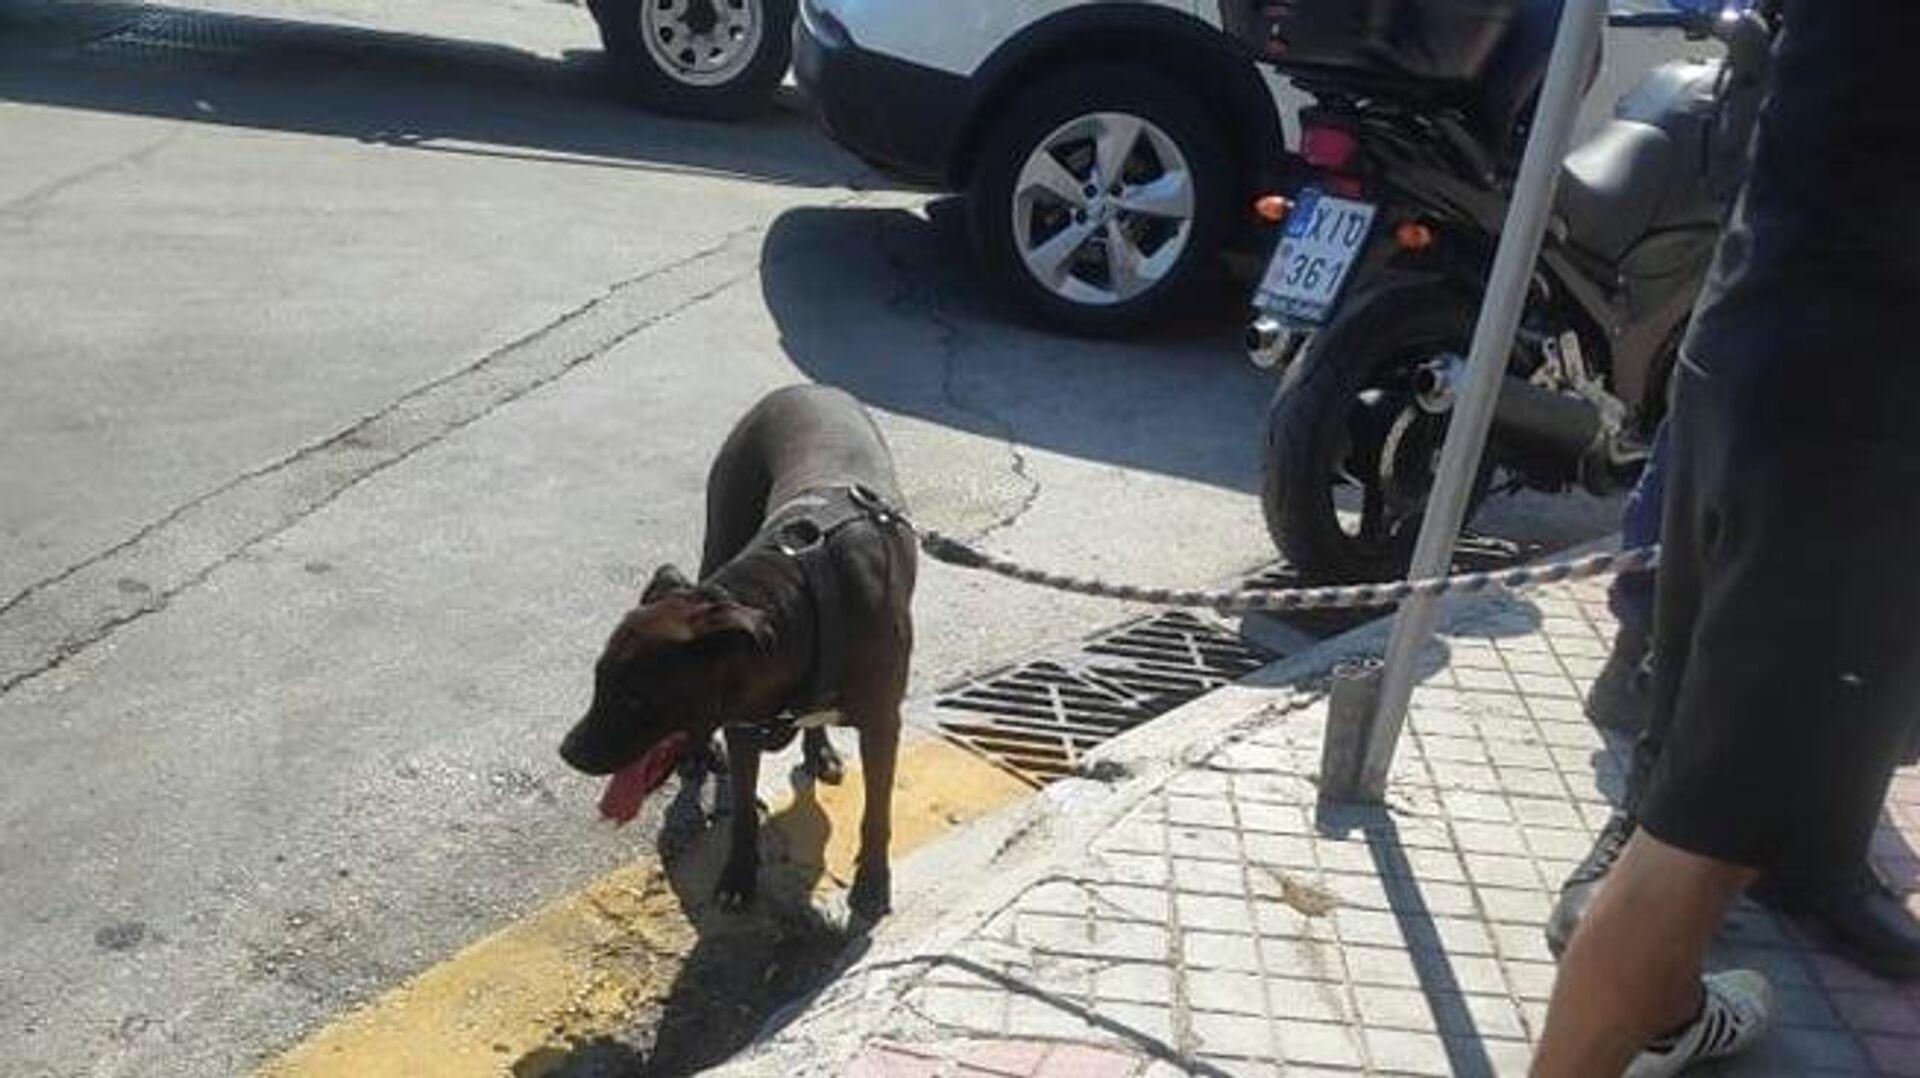 Κακοποίηση σκύλου στη Μυτιλήνη - Sputnik Ελλάδα, 1920, 18.09.2021